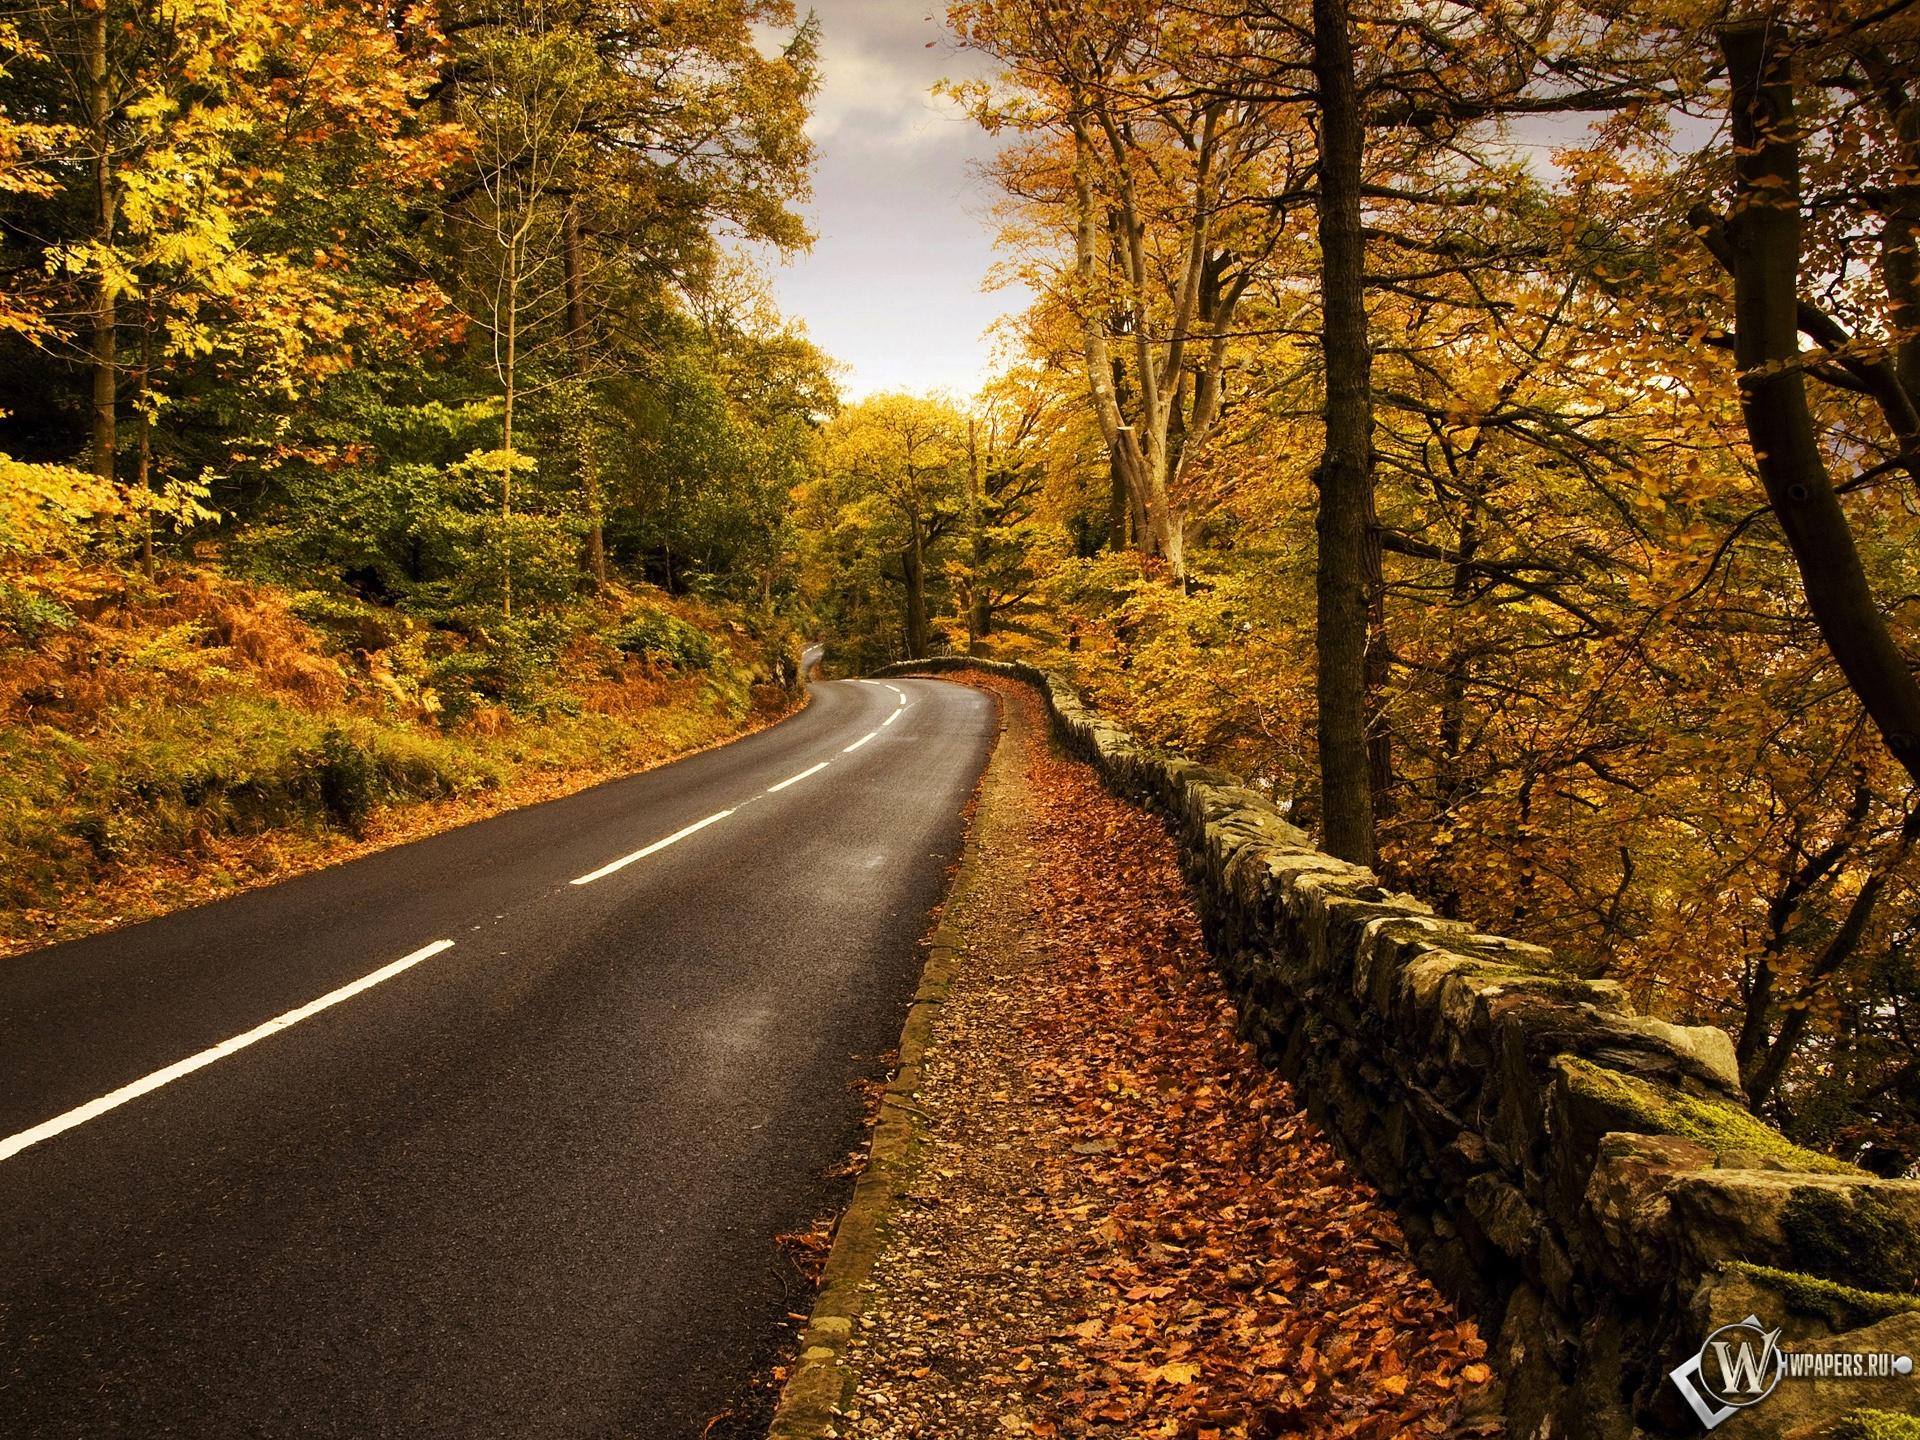 Осенняя дорога 1920x1440